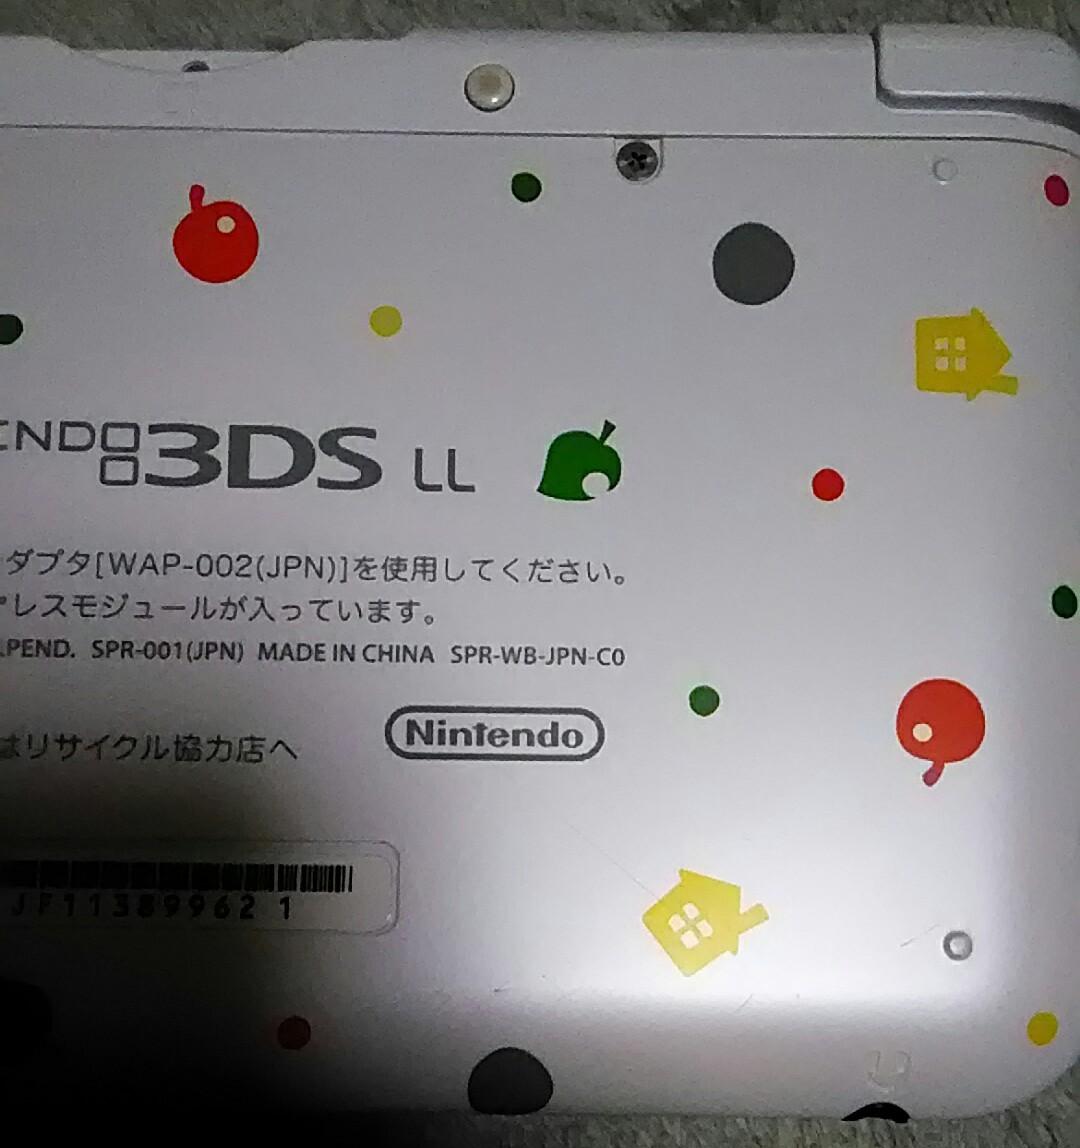 NINTENDO 3DS LL ニンテンドー3DS LL とびだせ どうぶつの森パック 限定カラー 中古美品 充電器 SDカード(4GB)タッチペン付き 送料無料